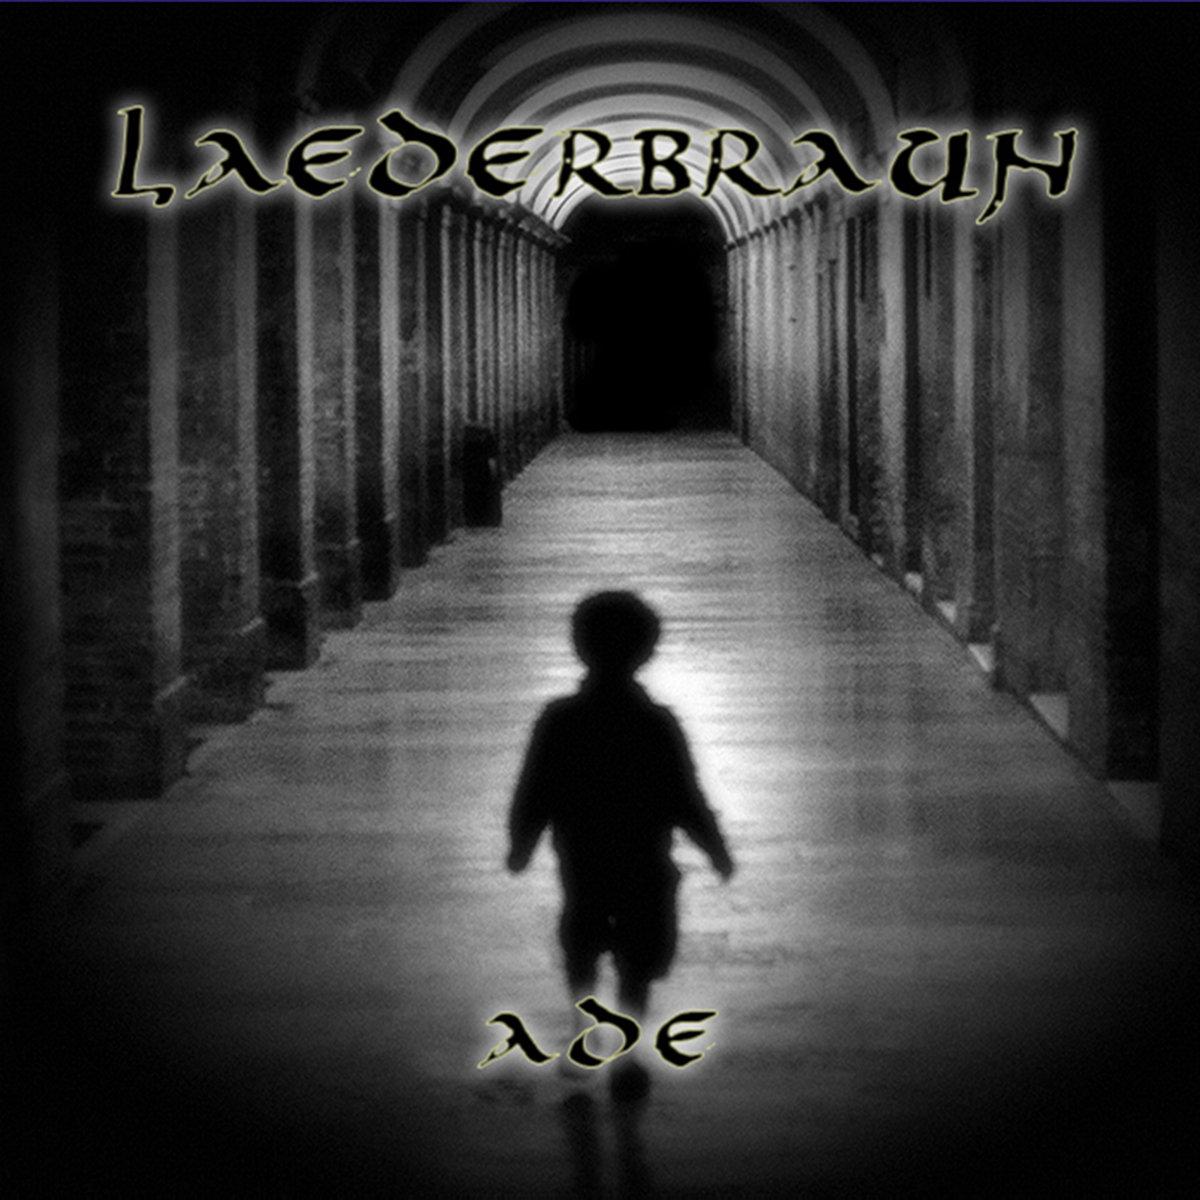 I LaederBraun e il loro graffiante rock!